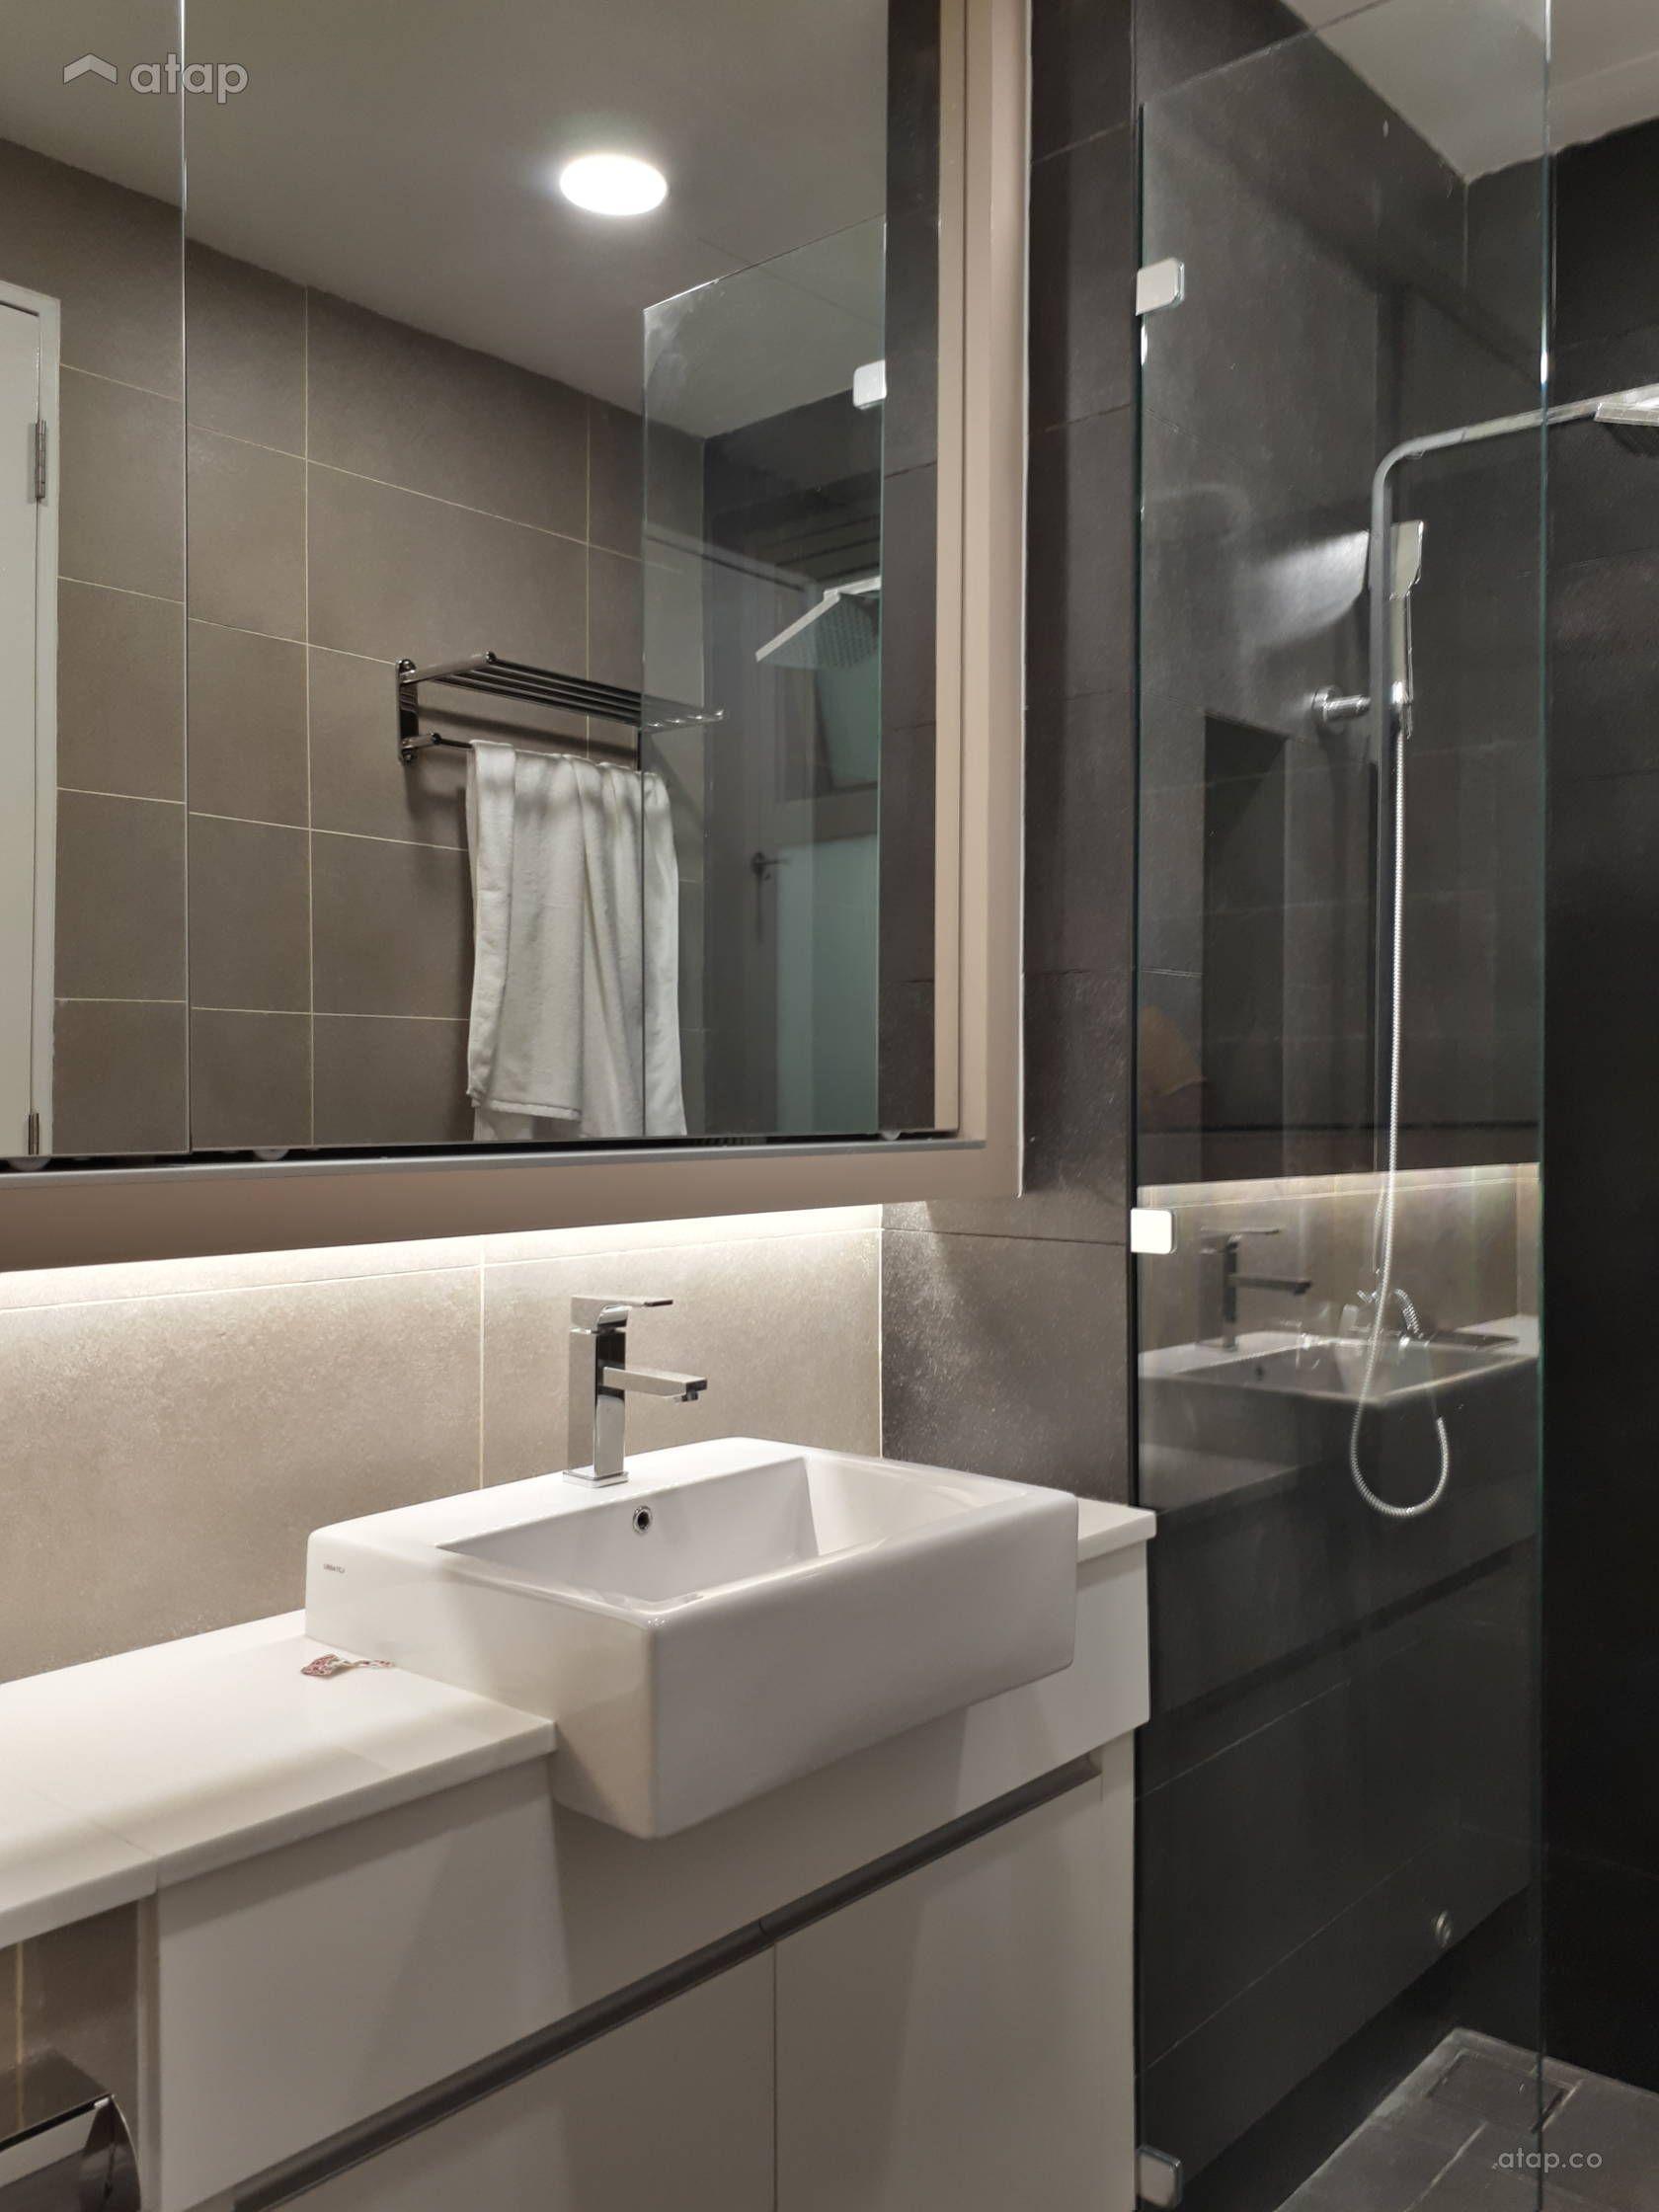 Contemporary Bathroom Condominium Design Ideas Photos Malaysia Atap Co Bathroom Design Small Modern Bathroom Interior Design Bathroom Interior